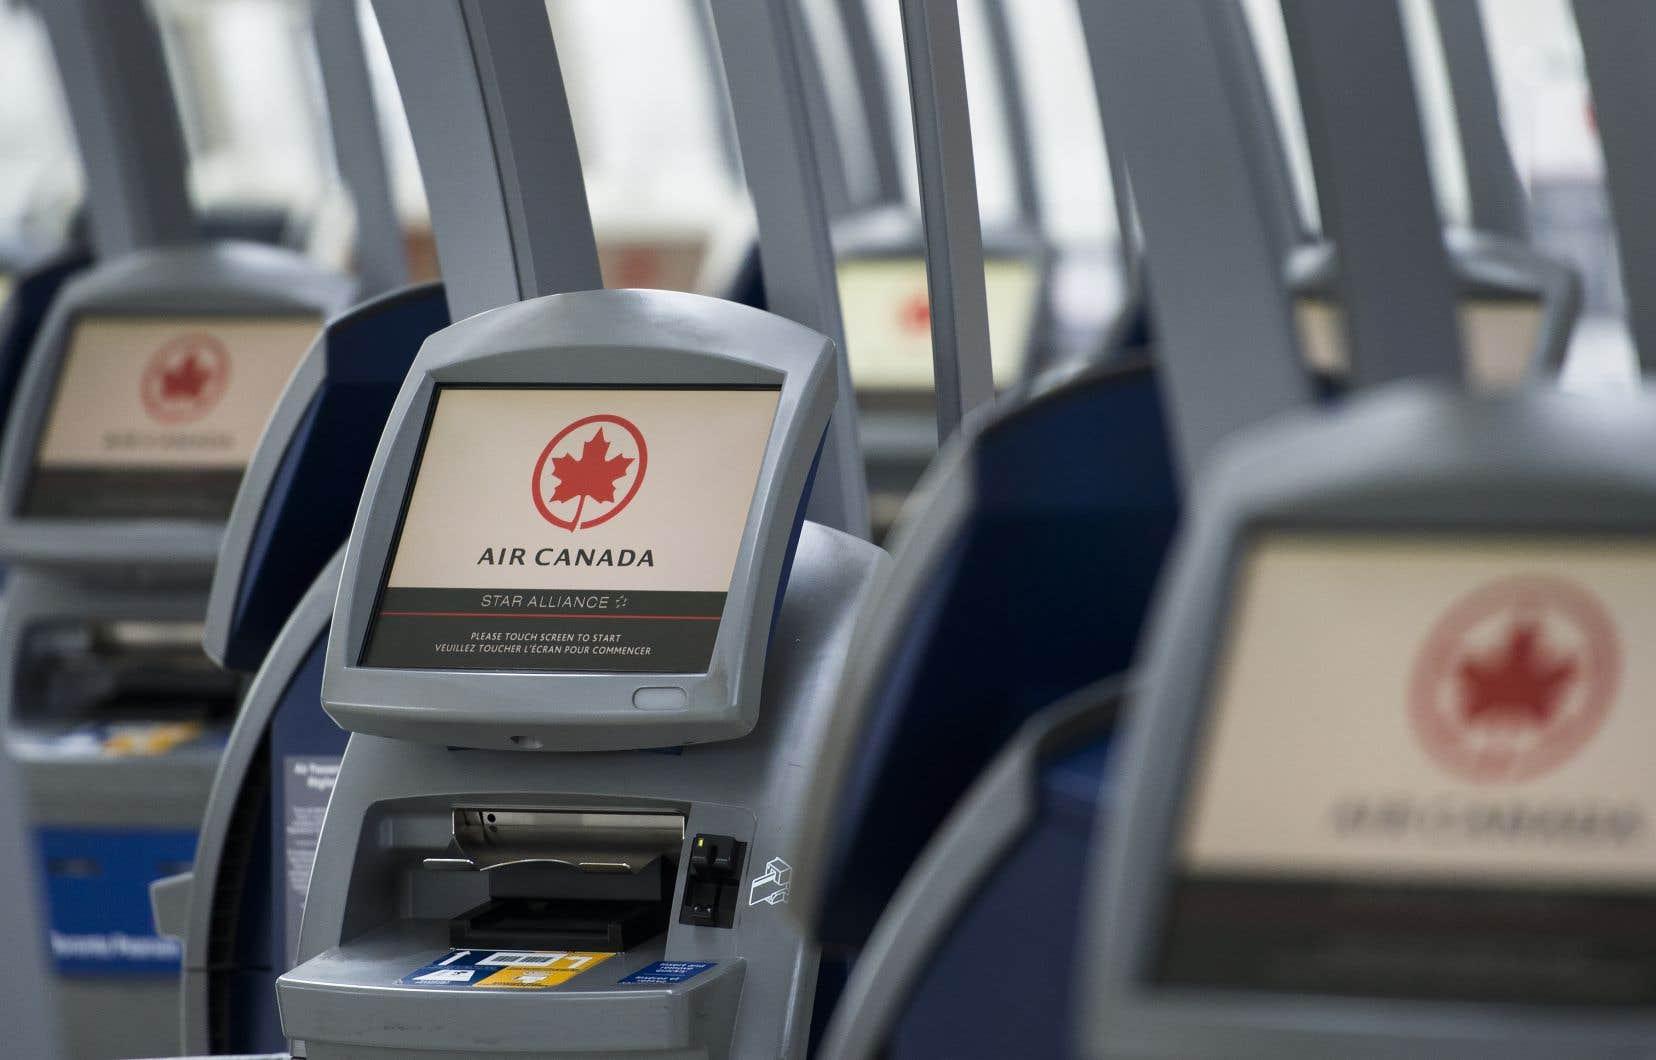 Le 30juin, Air Canada a annoncé la suspension définitive de 30 liaisons régionales, en plus de mettre fin à huit escales à des aéroports régionaux au pays, dont quatre au Québec.